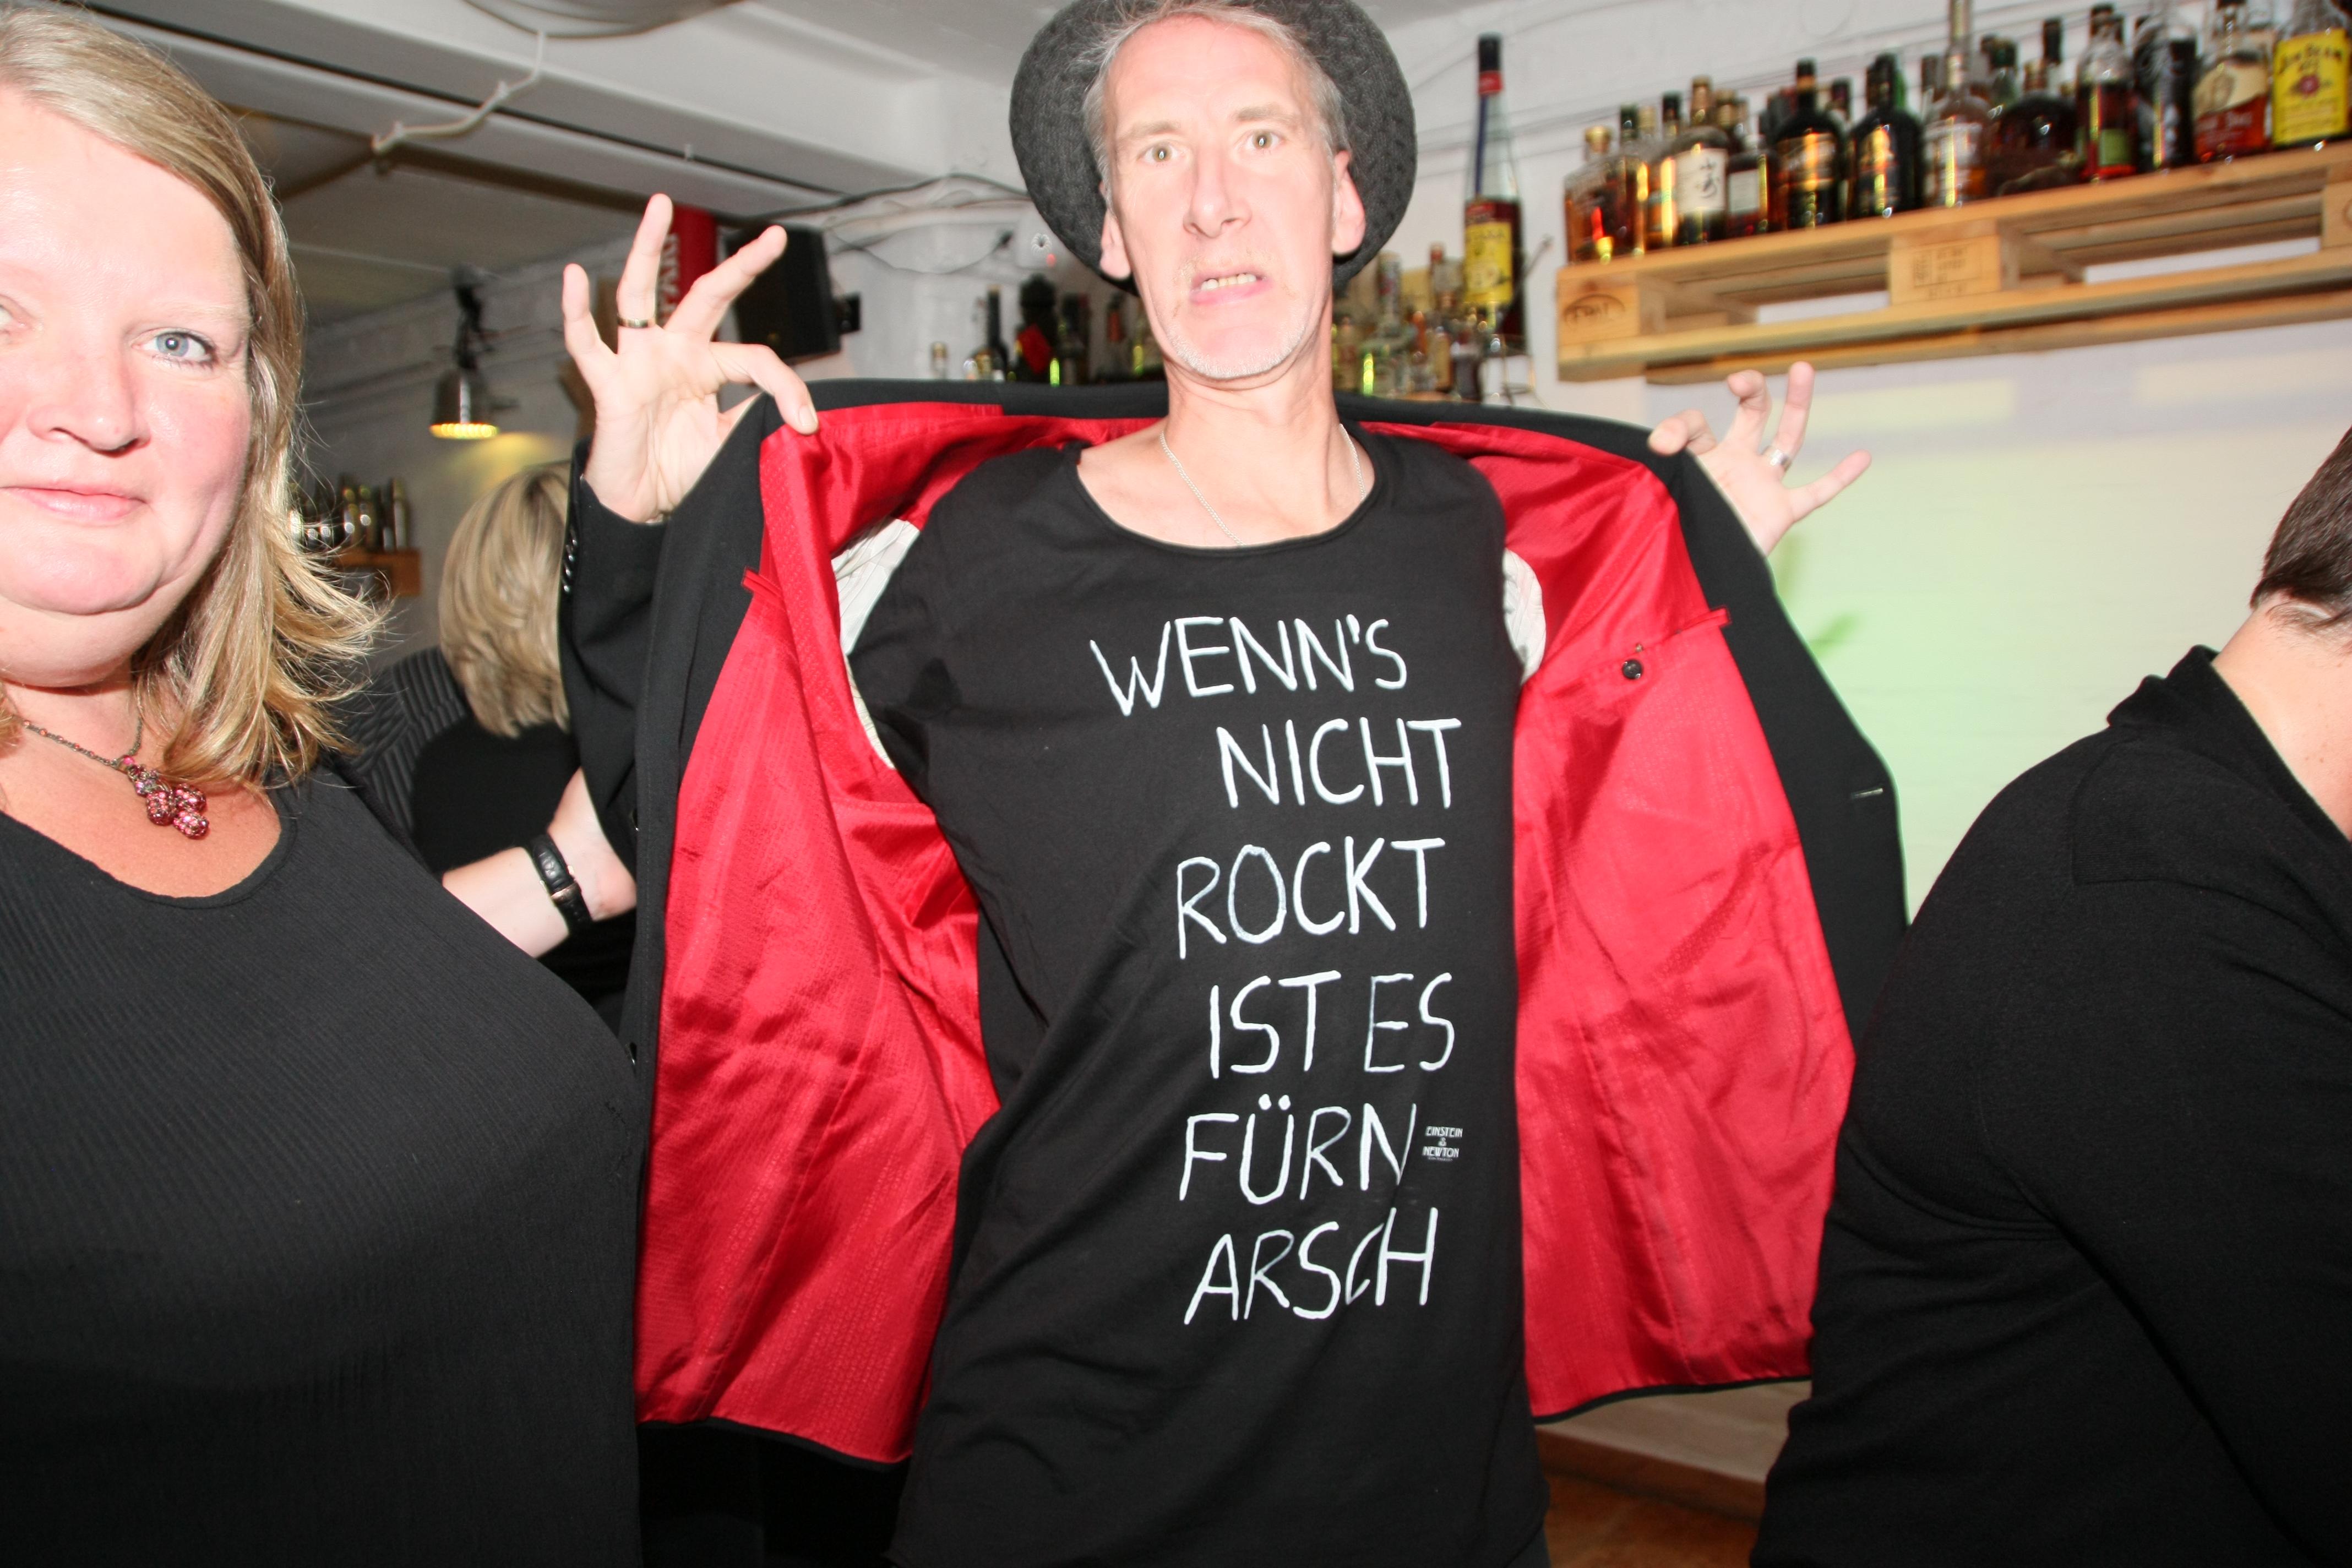 Wenn´s nicht rockt... EventDJ & Moderator - Party | DJ TONY P